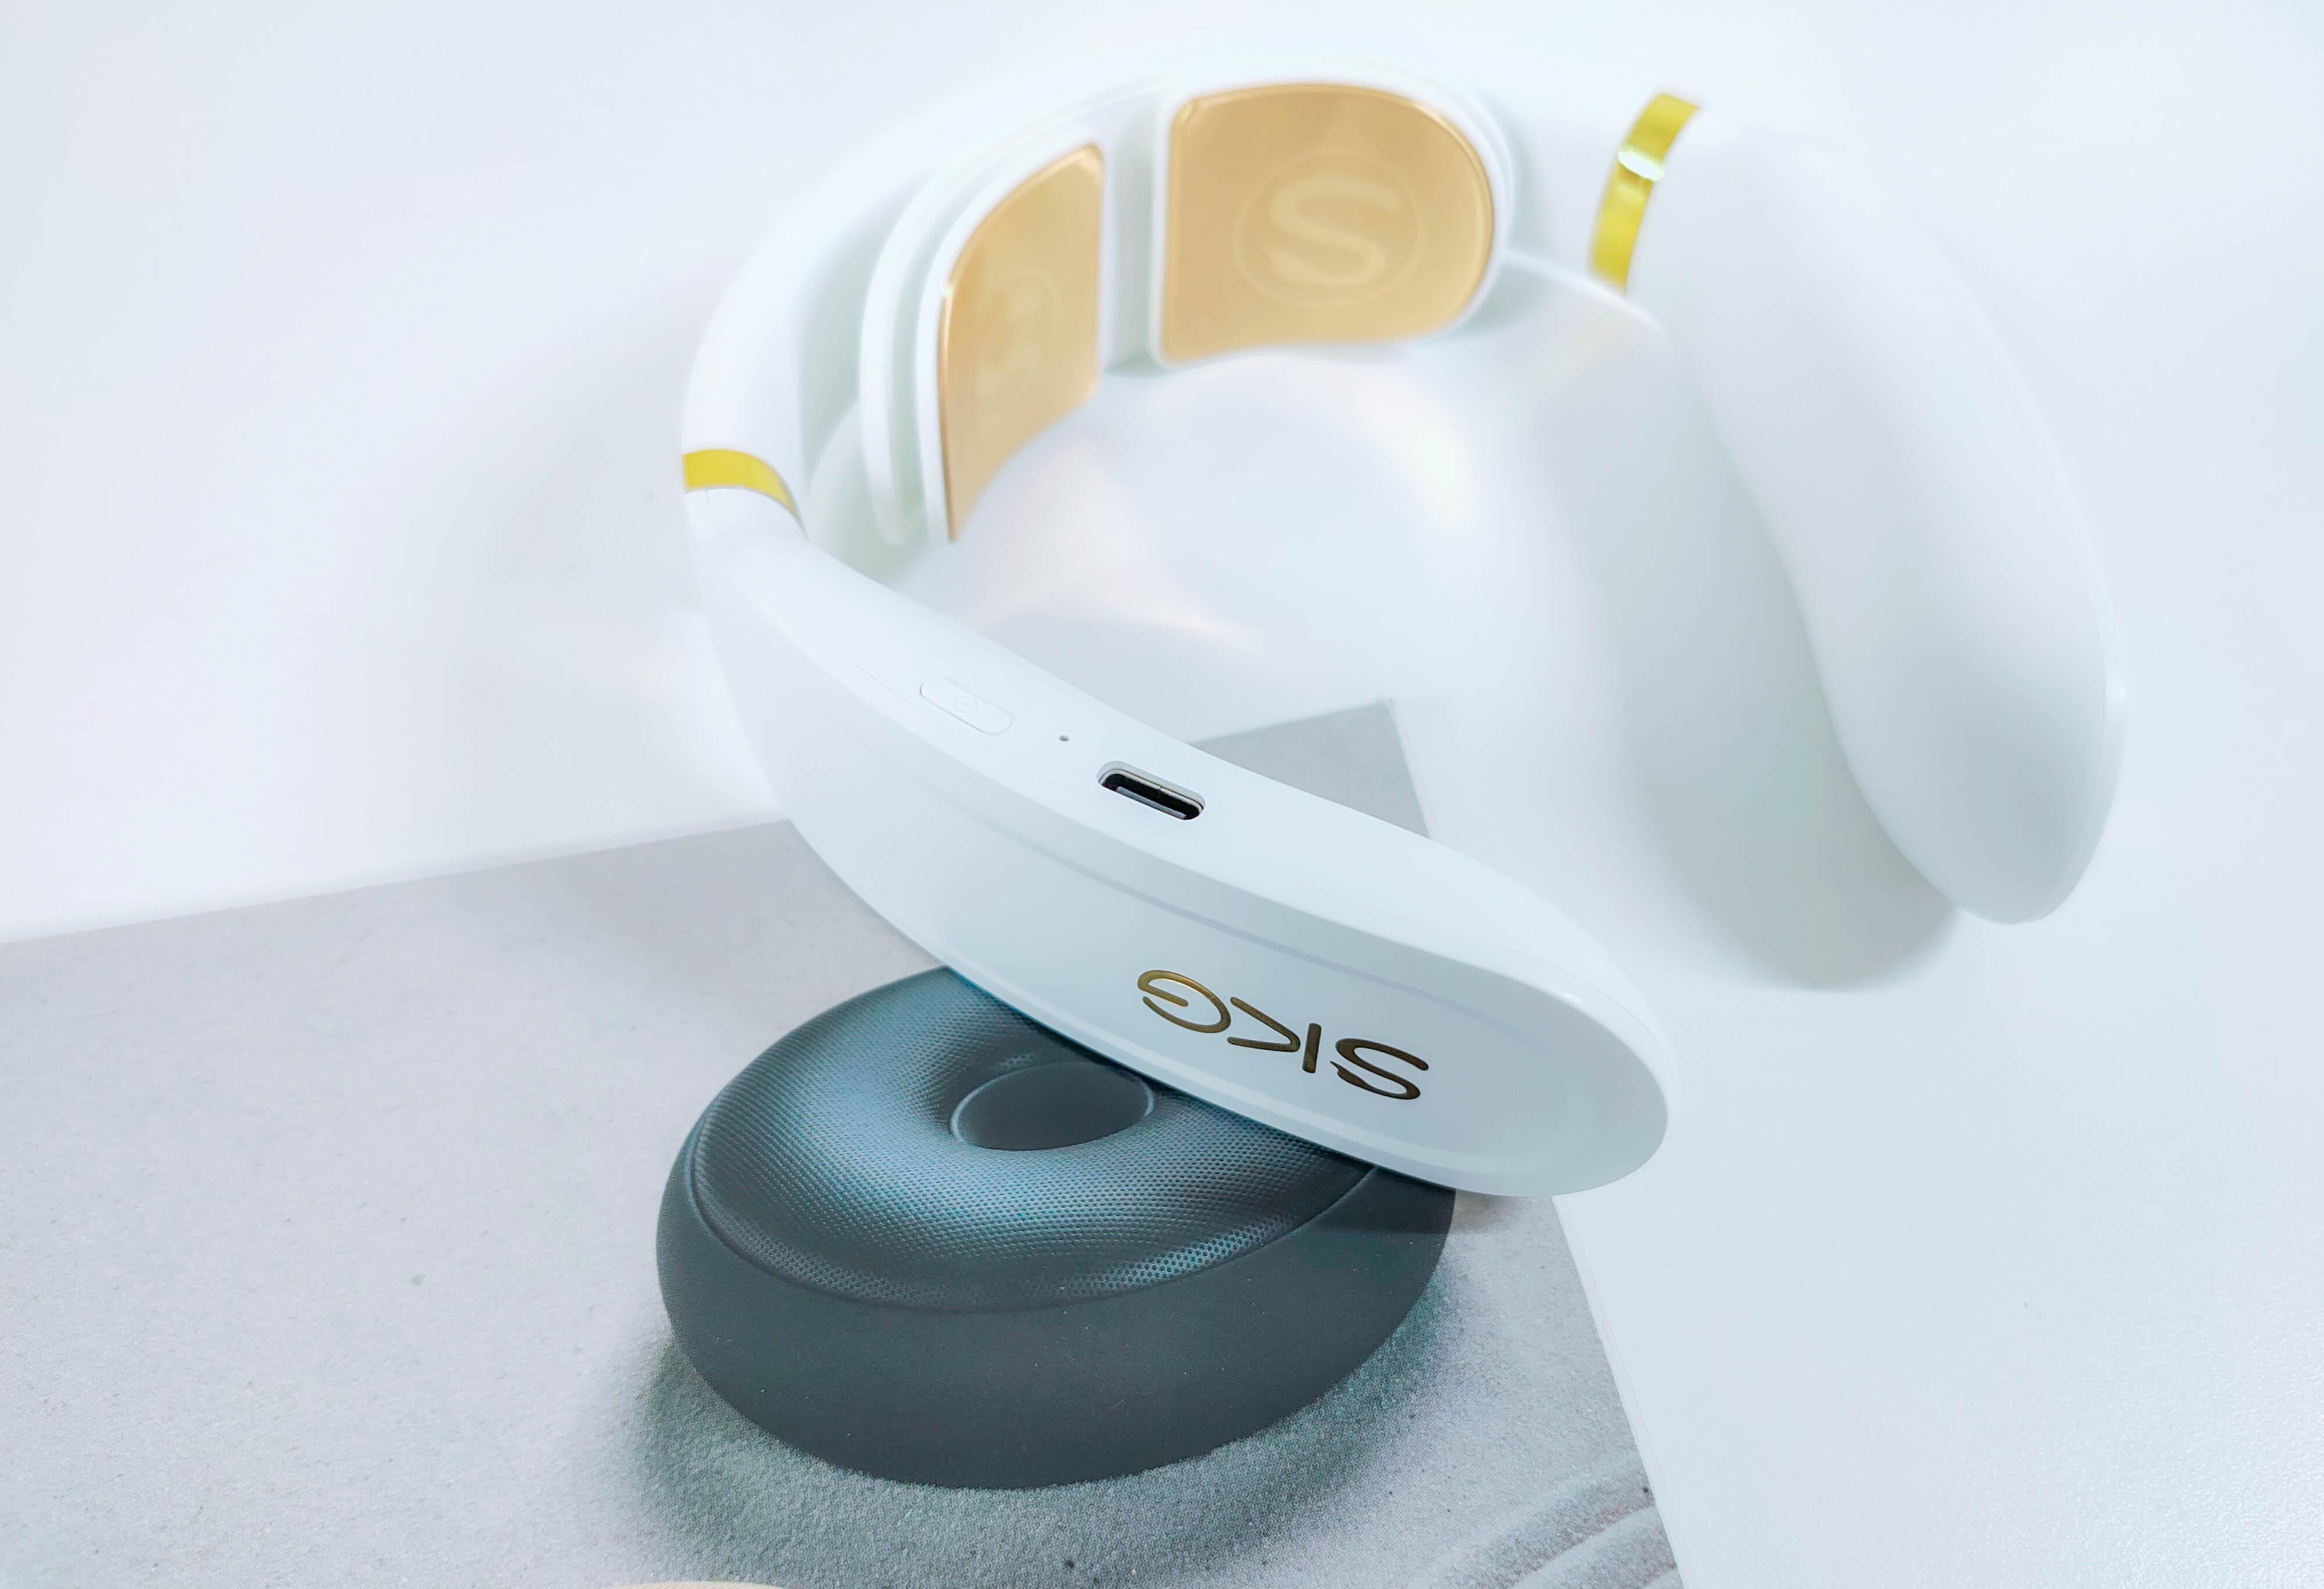 华为智选SKG智能颈椎按摩仪评测:双脉冲+三级浮动按摩头